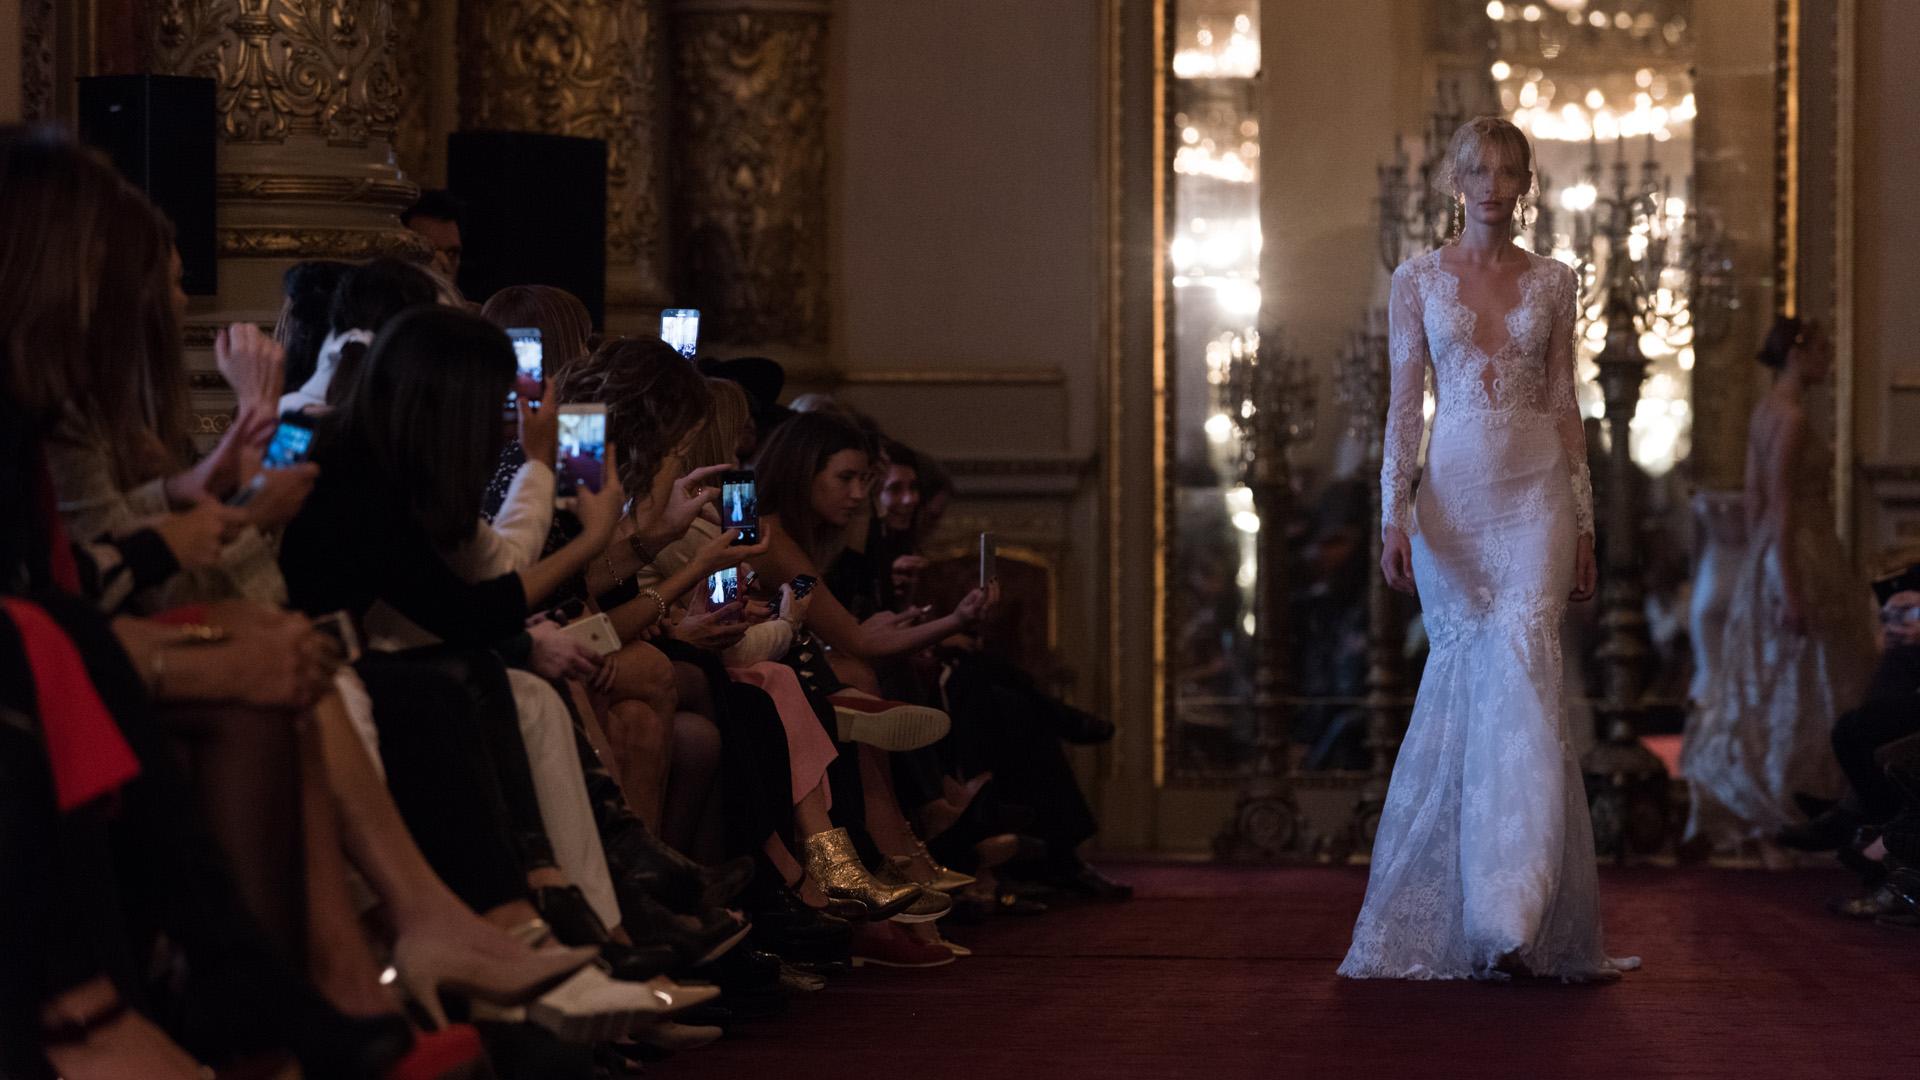 Vestido de novia línea sirena en cuatro encajes superpuestos, con detalles de transparencias y bordado a mano